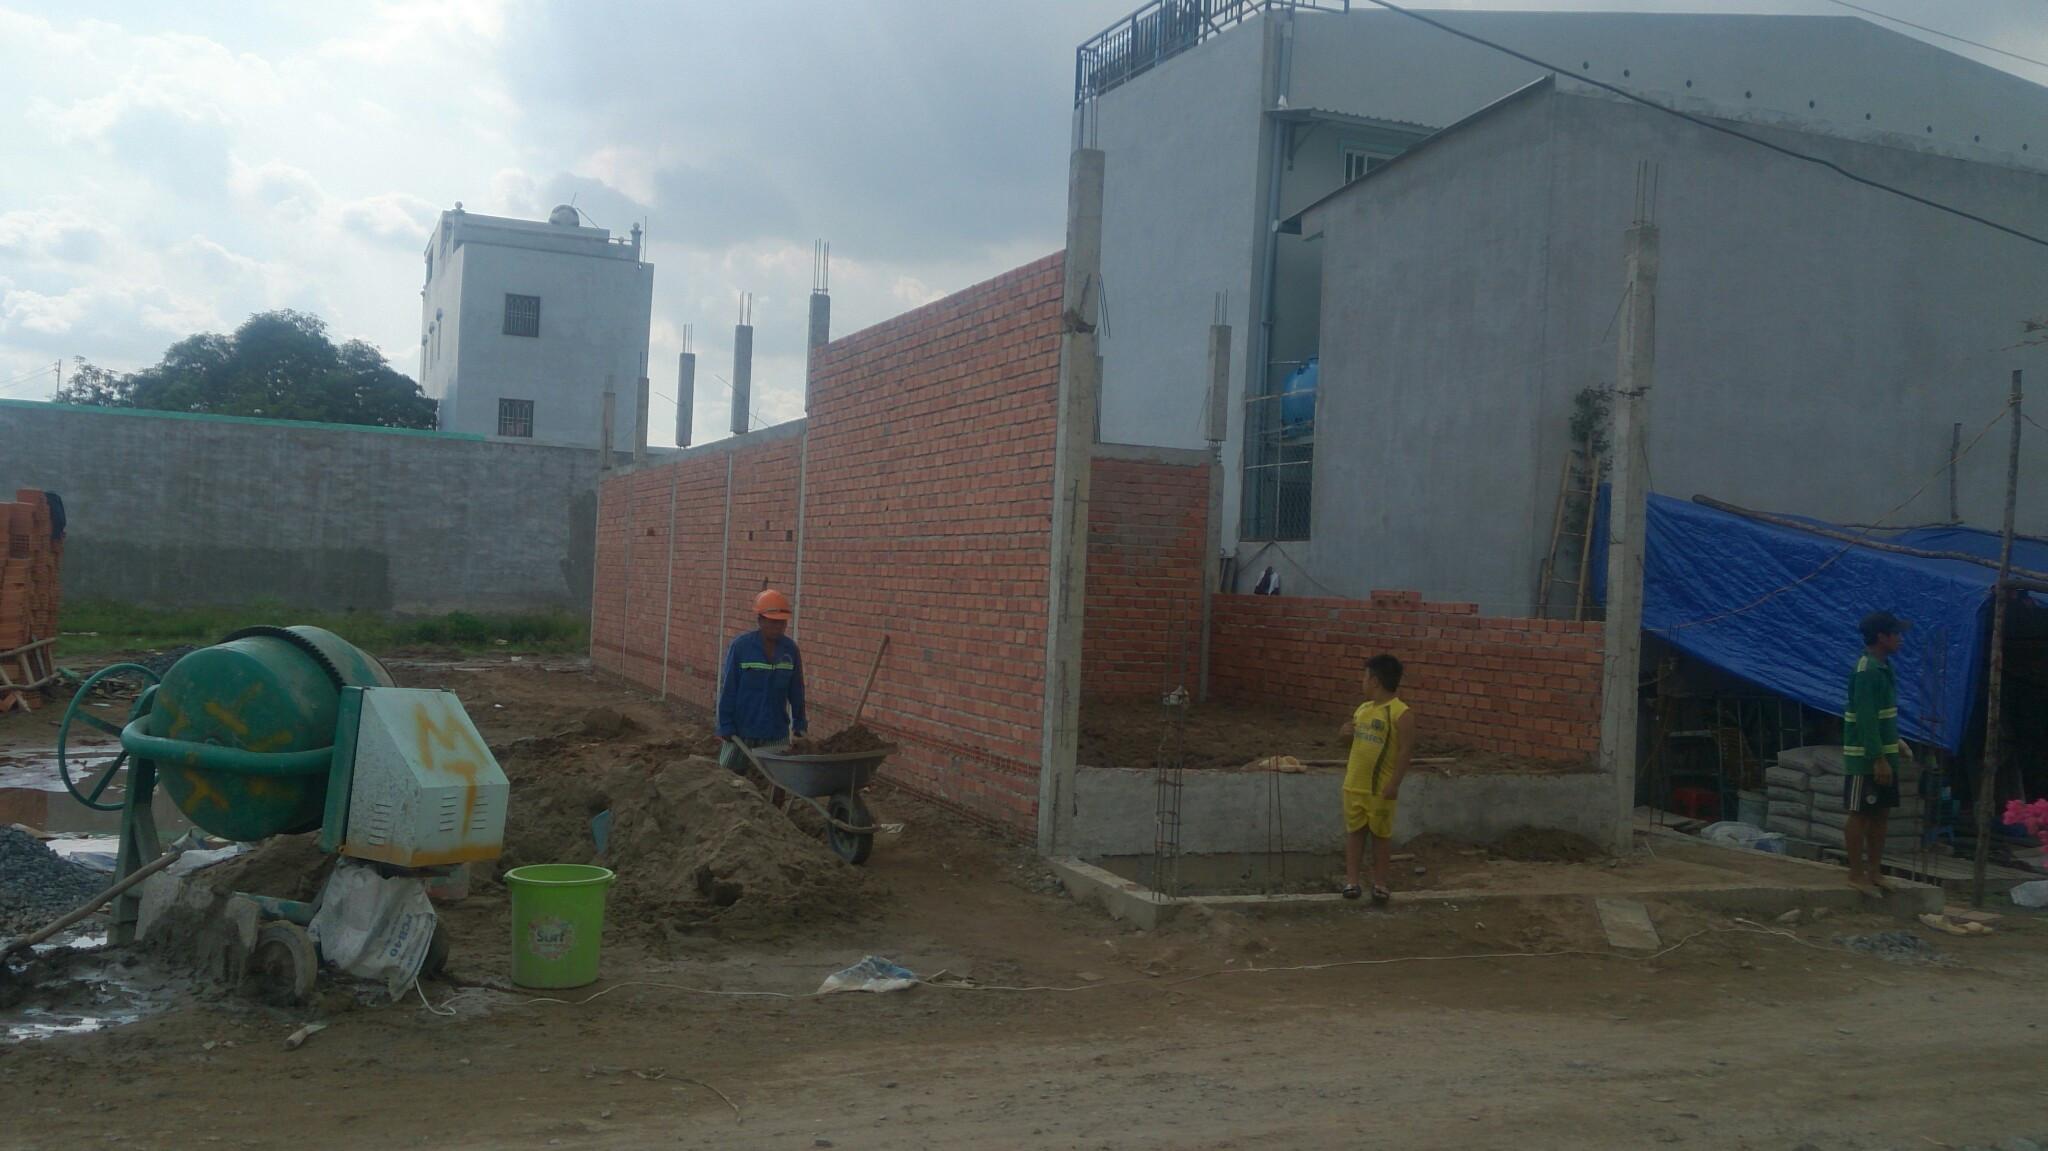 Đất nền giá rẻ, sổ hồng riêng, xây dựng ngay LH 01289299959 Z628329492012_3b2cbd5fadd167c56f54bd18064b6c57